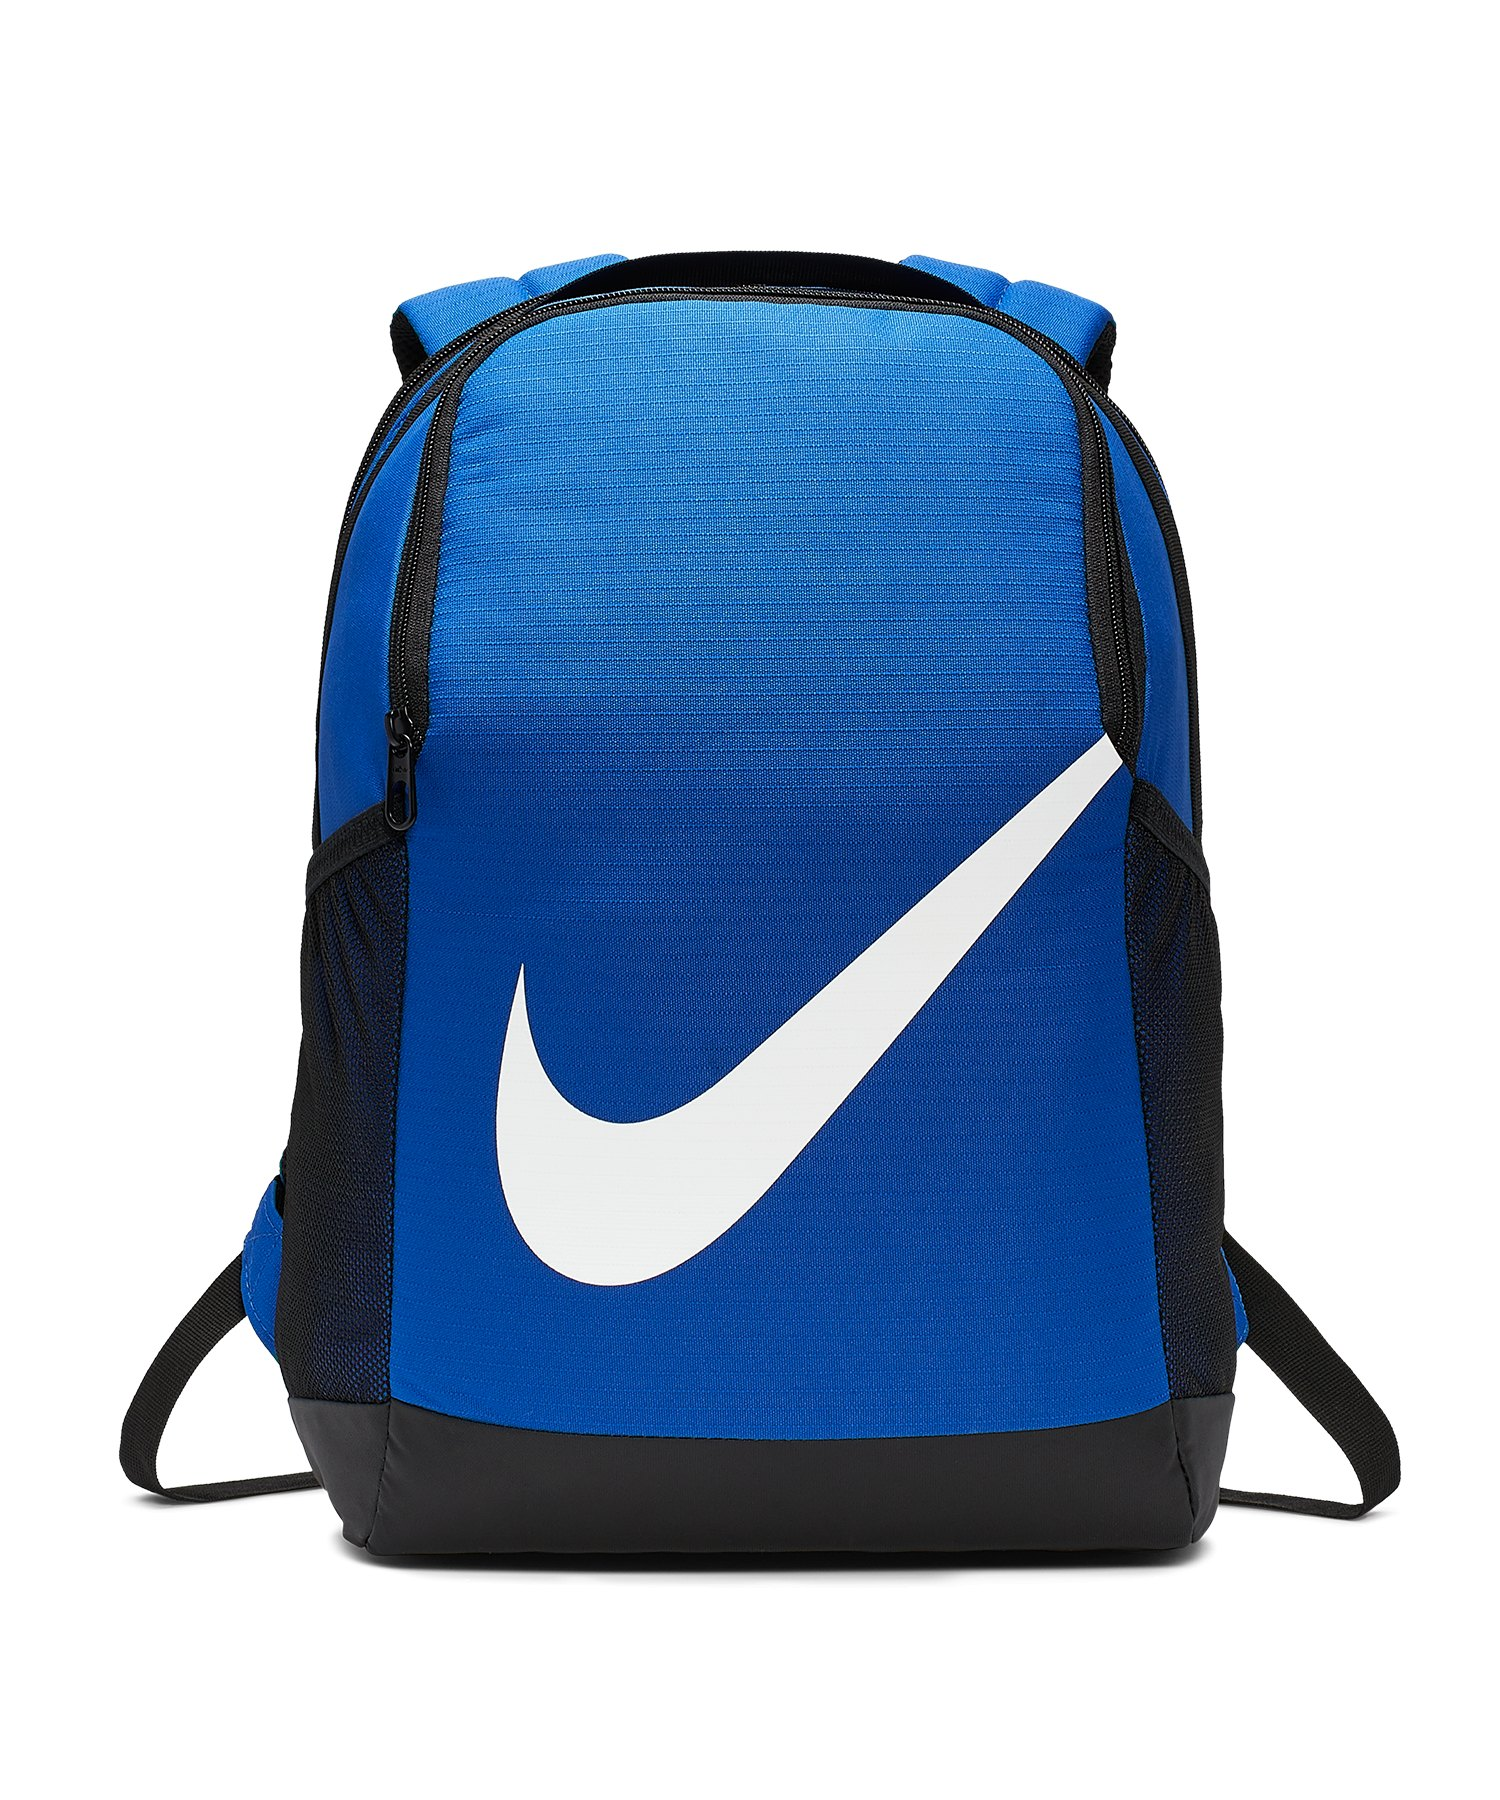 Nike Brasilia Backpack Rucksack Kids Blau F480 - blau